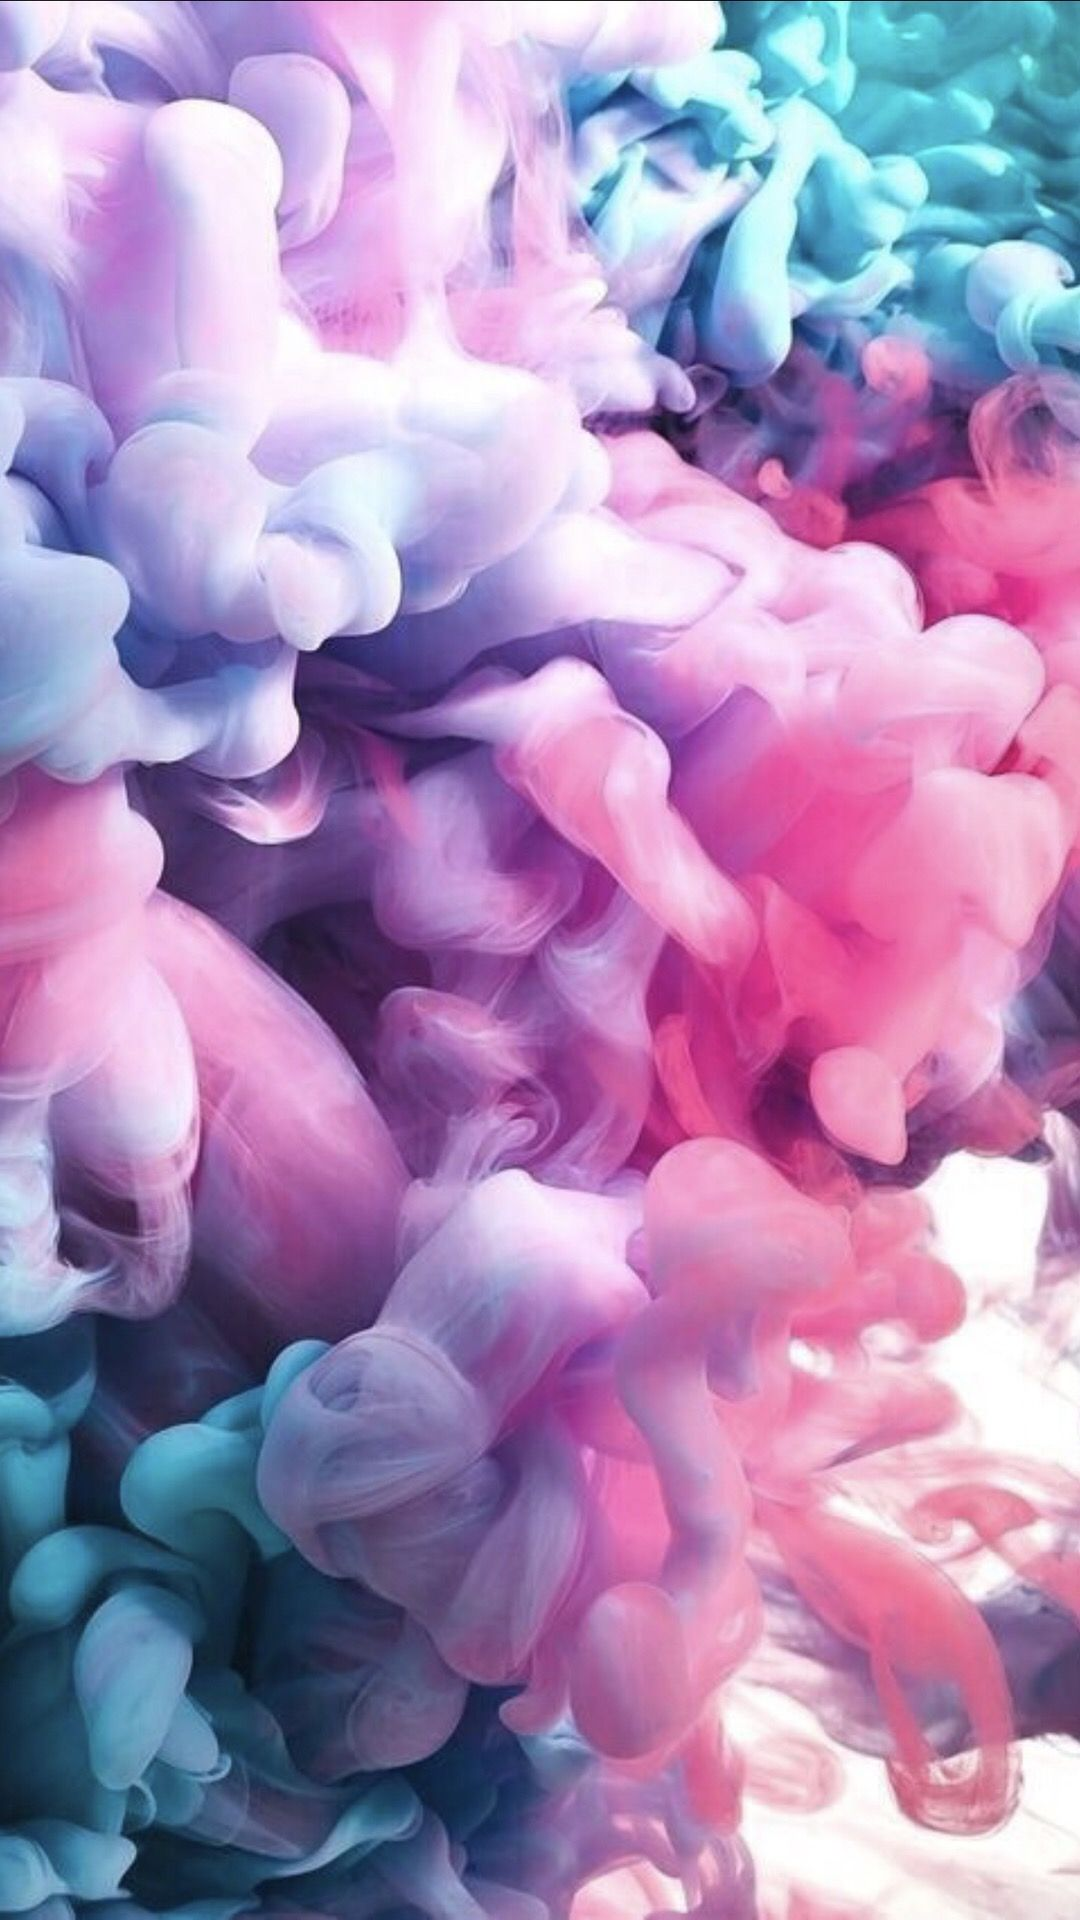 Pastel Girly Wallpaper